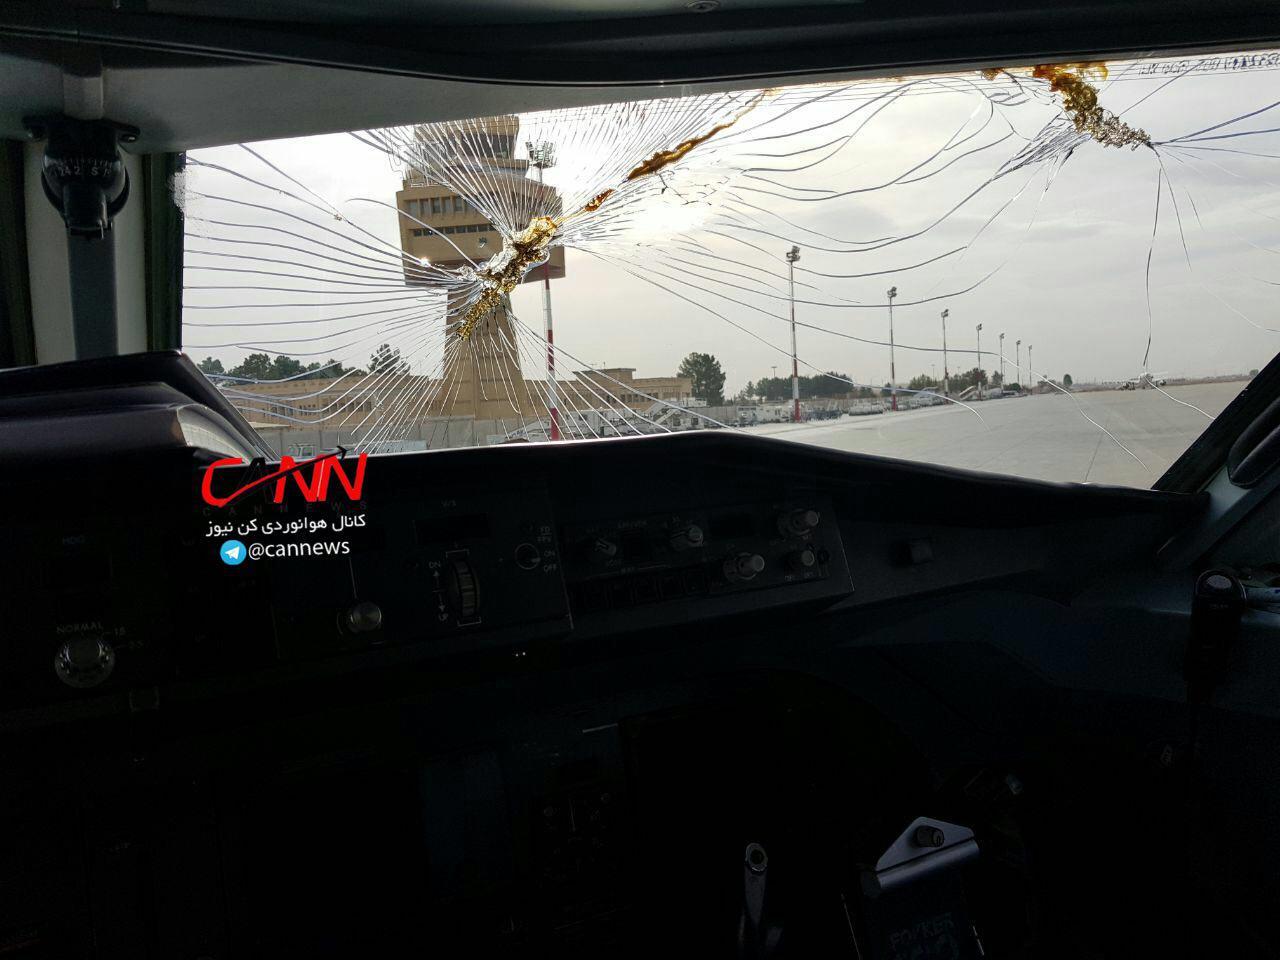 فرود اضطراری هواپیمای کیش - ایر در اصفهان/ شیشه جلوی هواپیما شکست (+عکس)